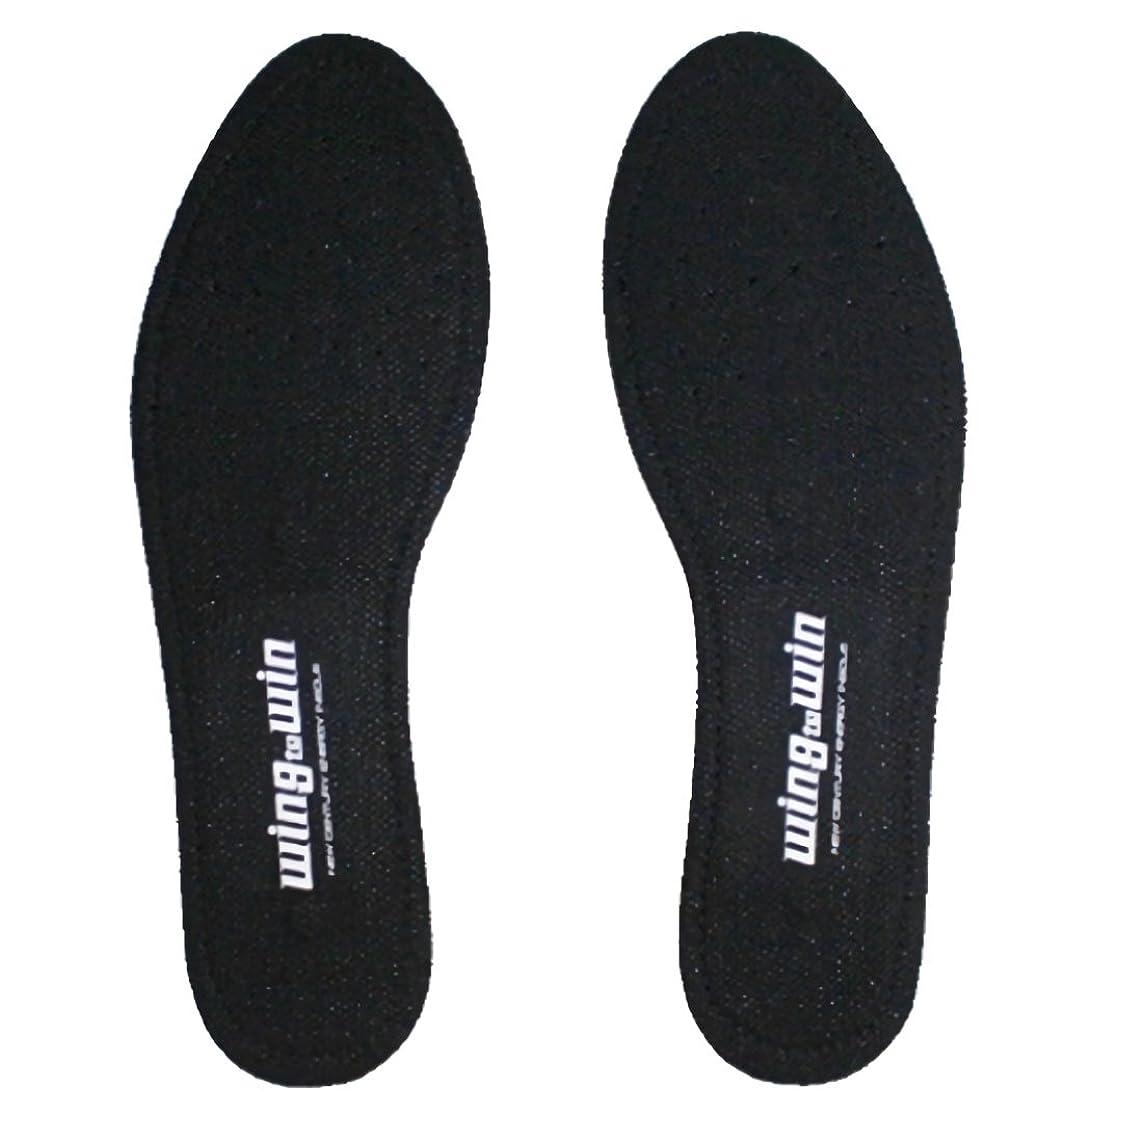 不明瞭失しわTQインソール ハードタイプ Lサイズ 足への負担を軽減 全身のバランスがとれ、人生の歩みが変わる (L)